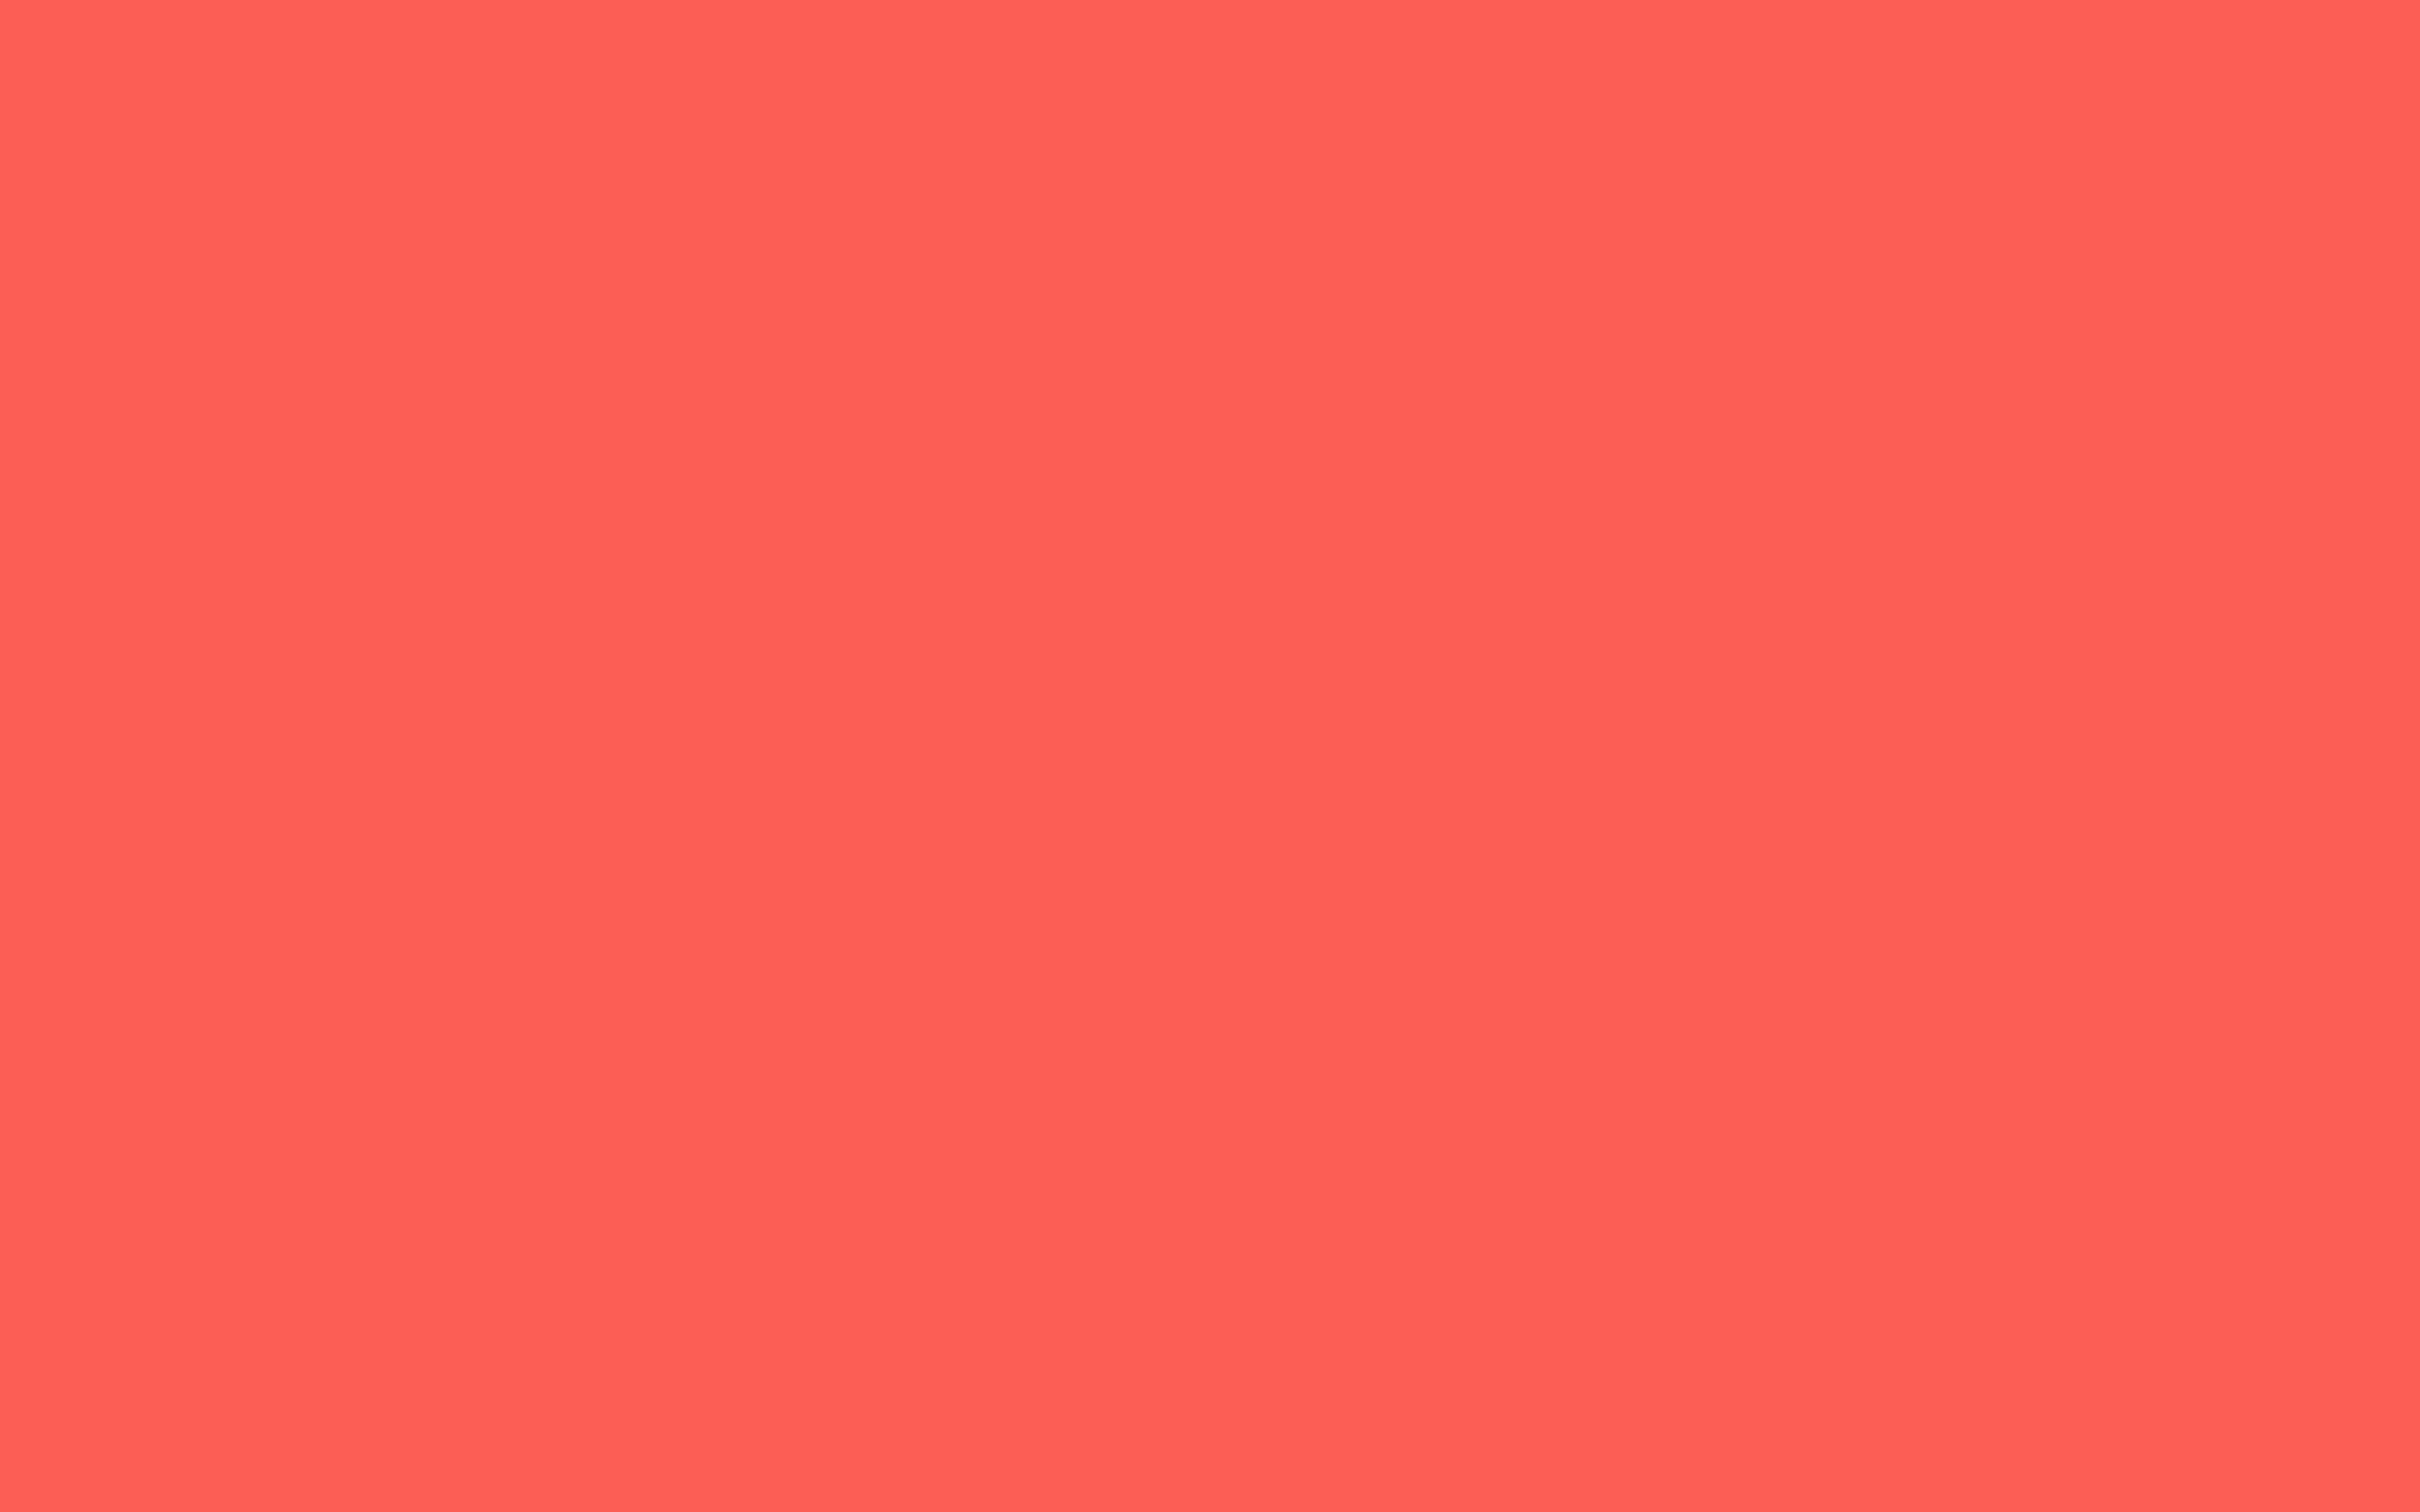 2560x1600 Sunset Orange Solid Color Background